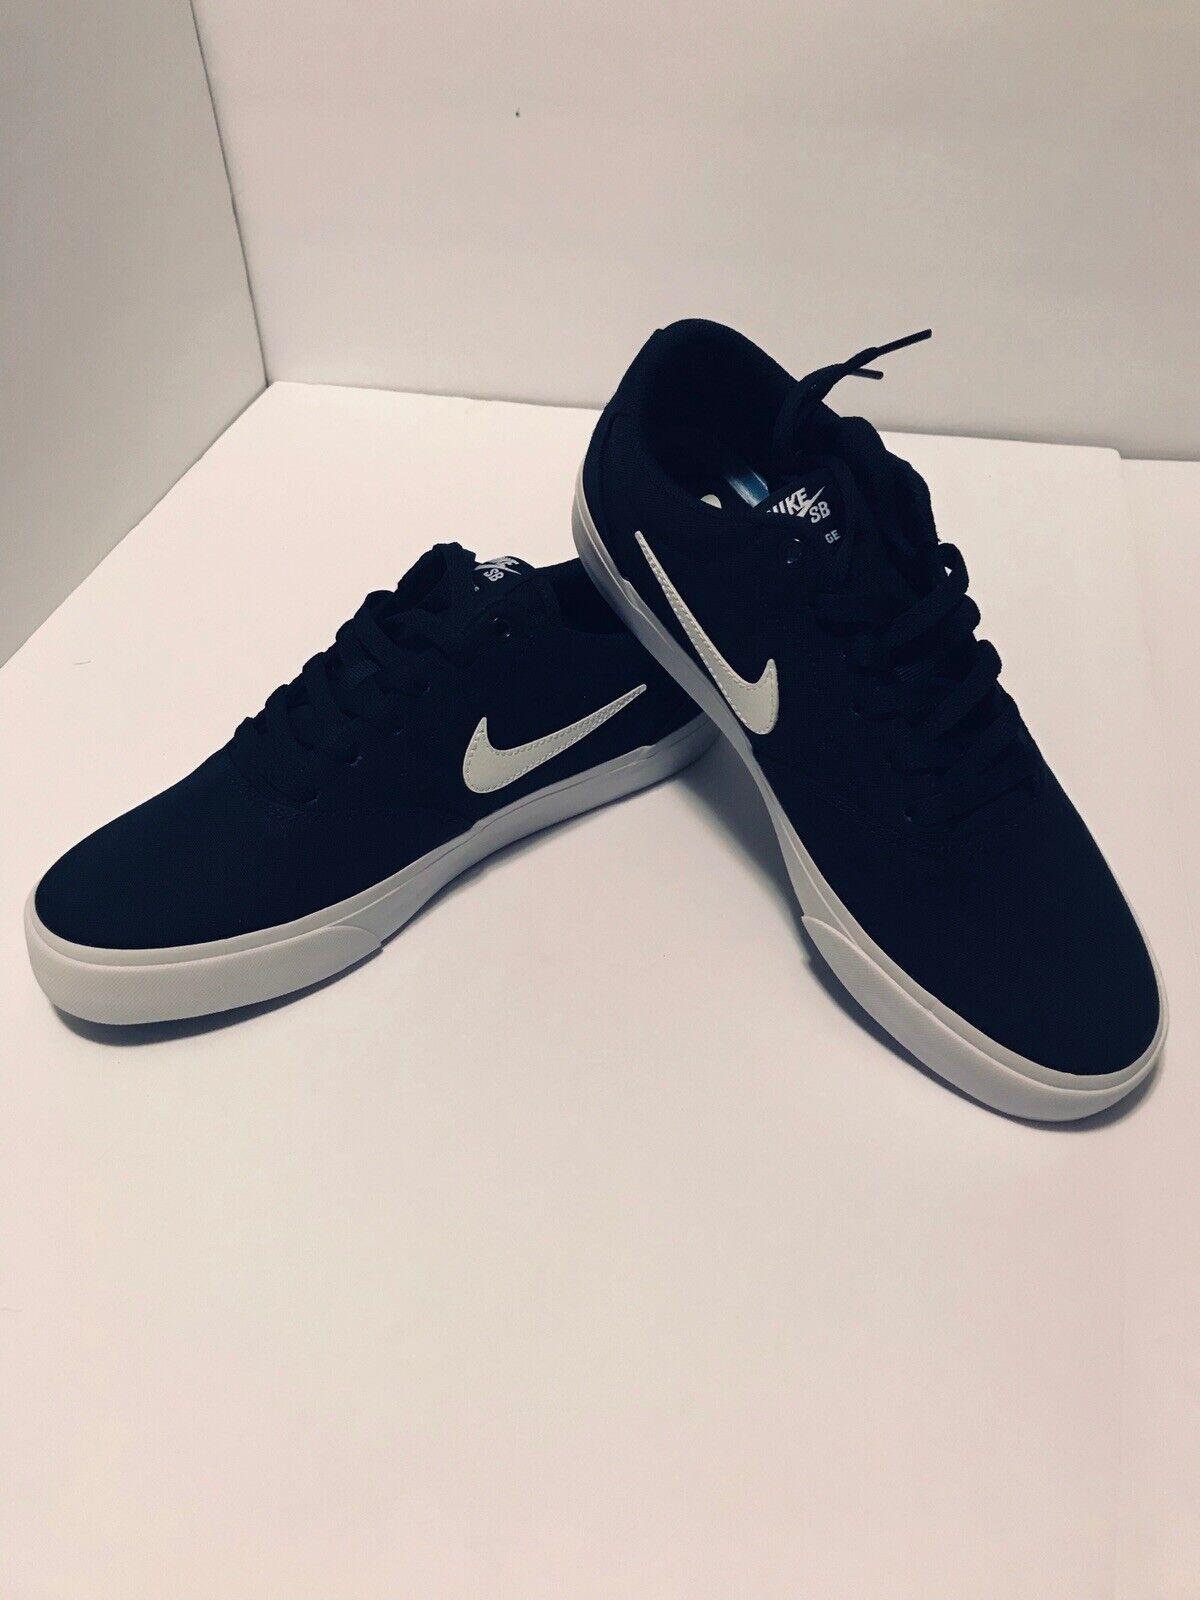 Nike SB Charge SLR Size 9.5